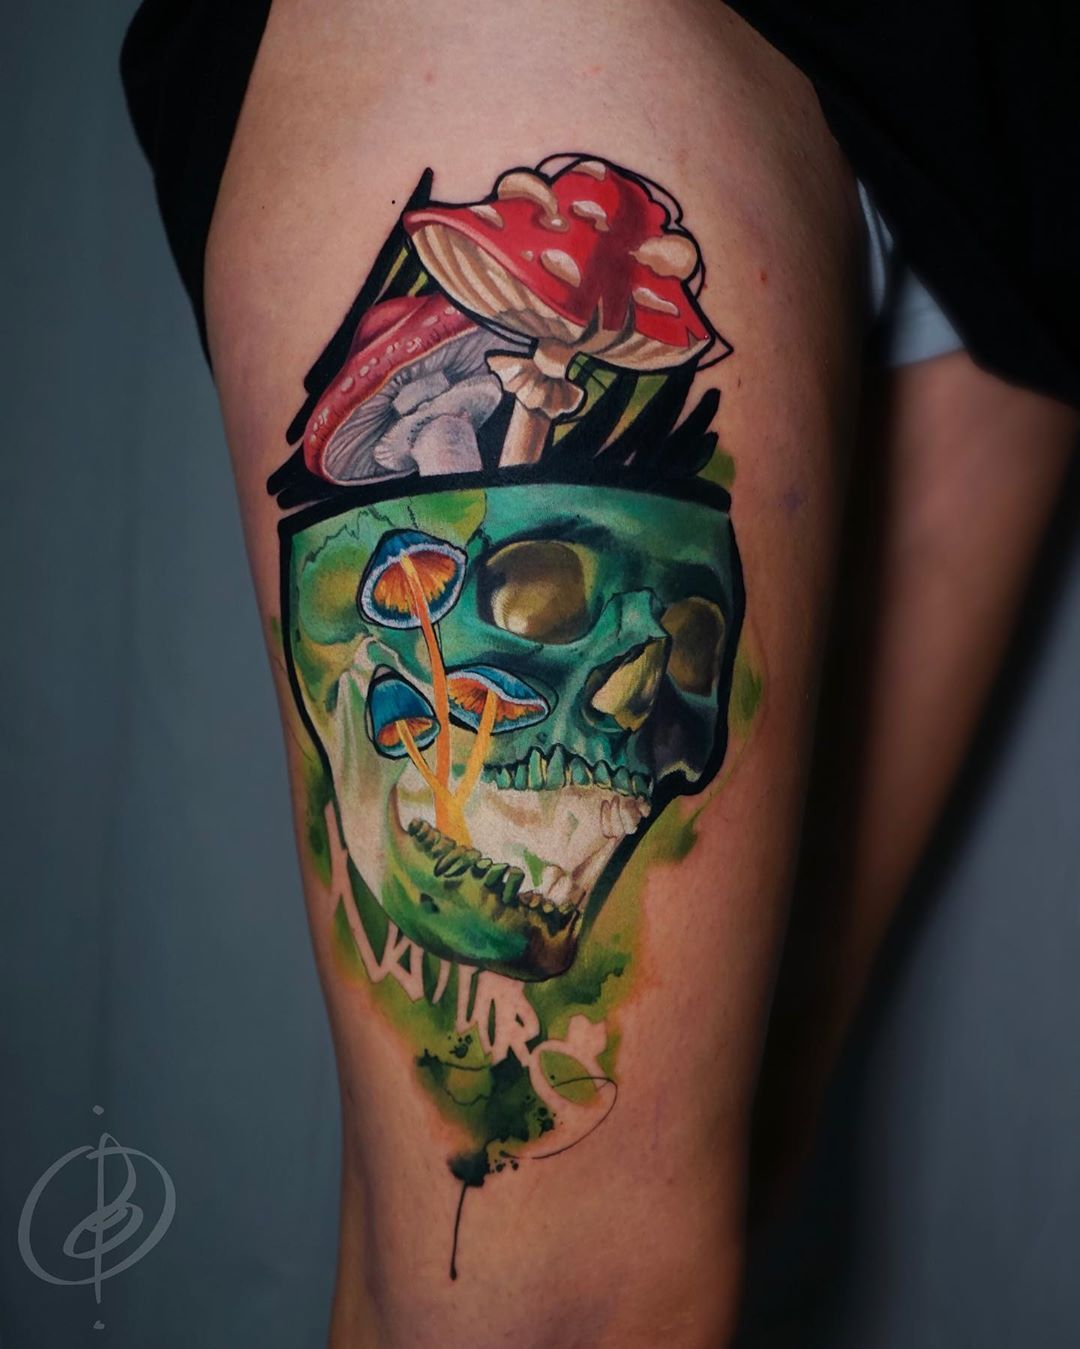 @pirojenko_tattoo